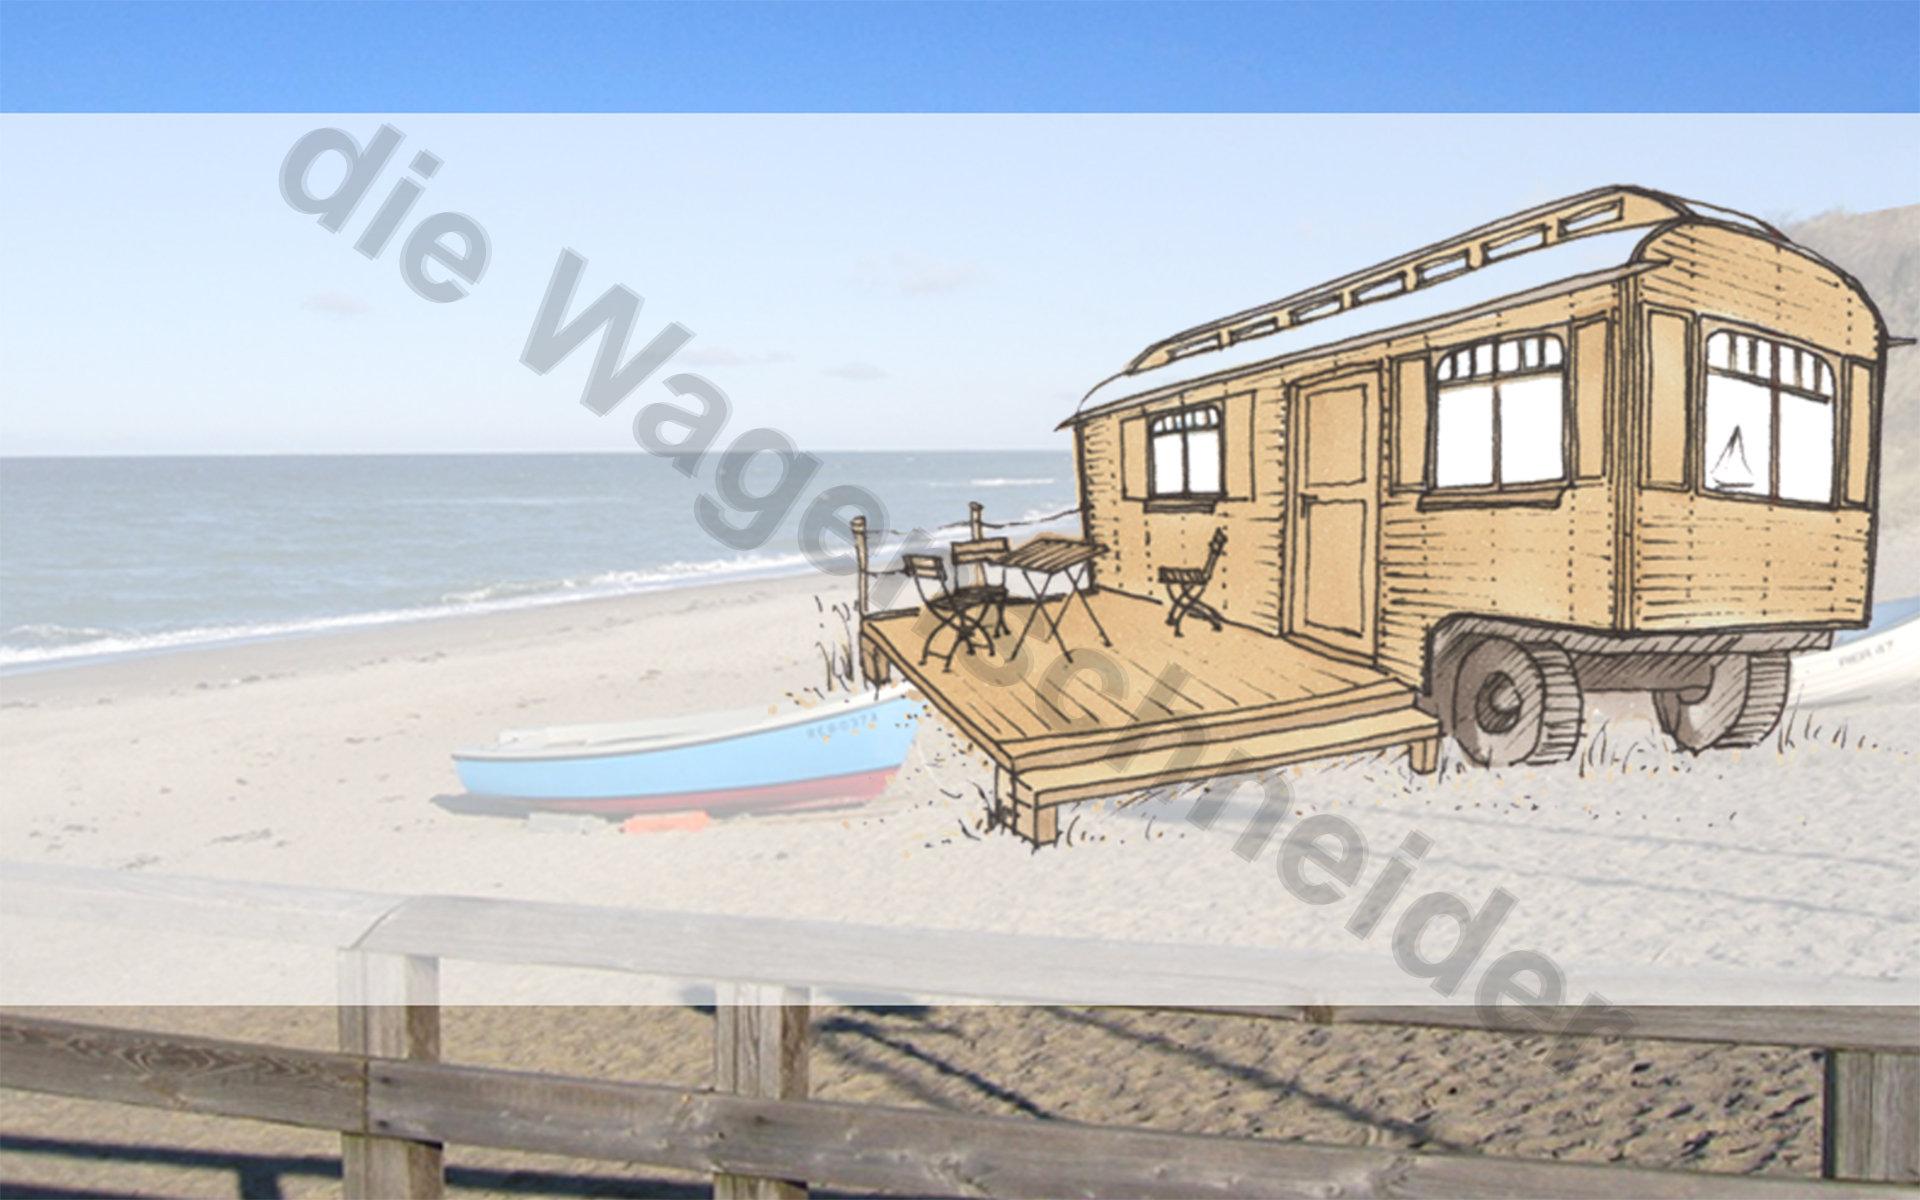 Mobiles ferienhaus oder pension zum beispiel dort wo man for Mobiles ferienhaus